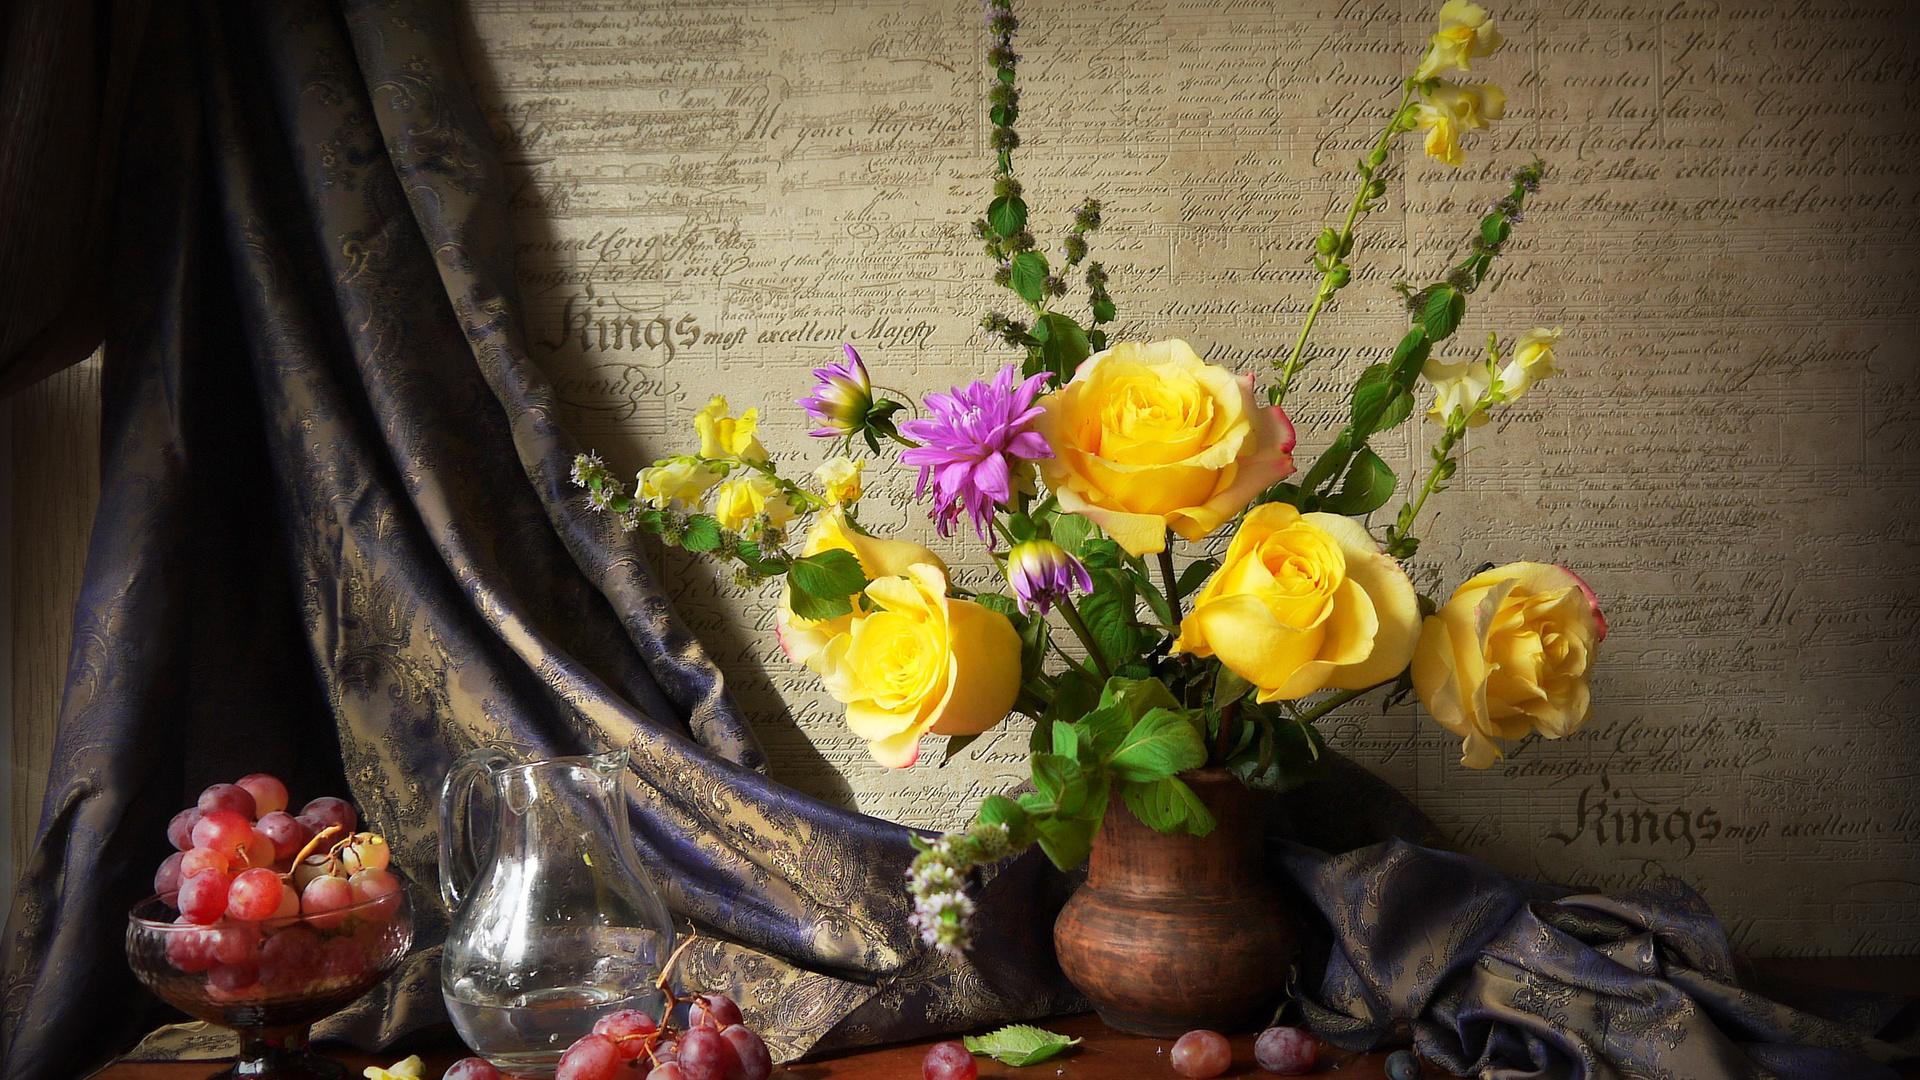 натюрморт, полка, ваза, букет, цветы, розы, георгин, мята, штора, ткань, вазочка, ягоды, виноград, кувшин, вода